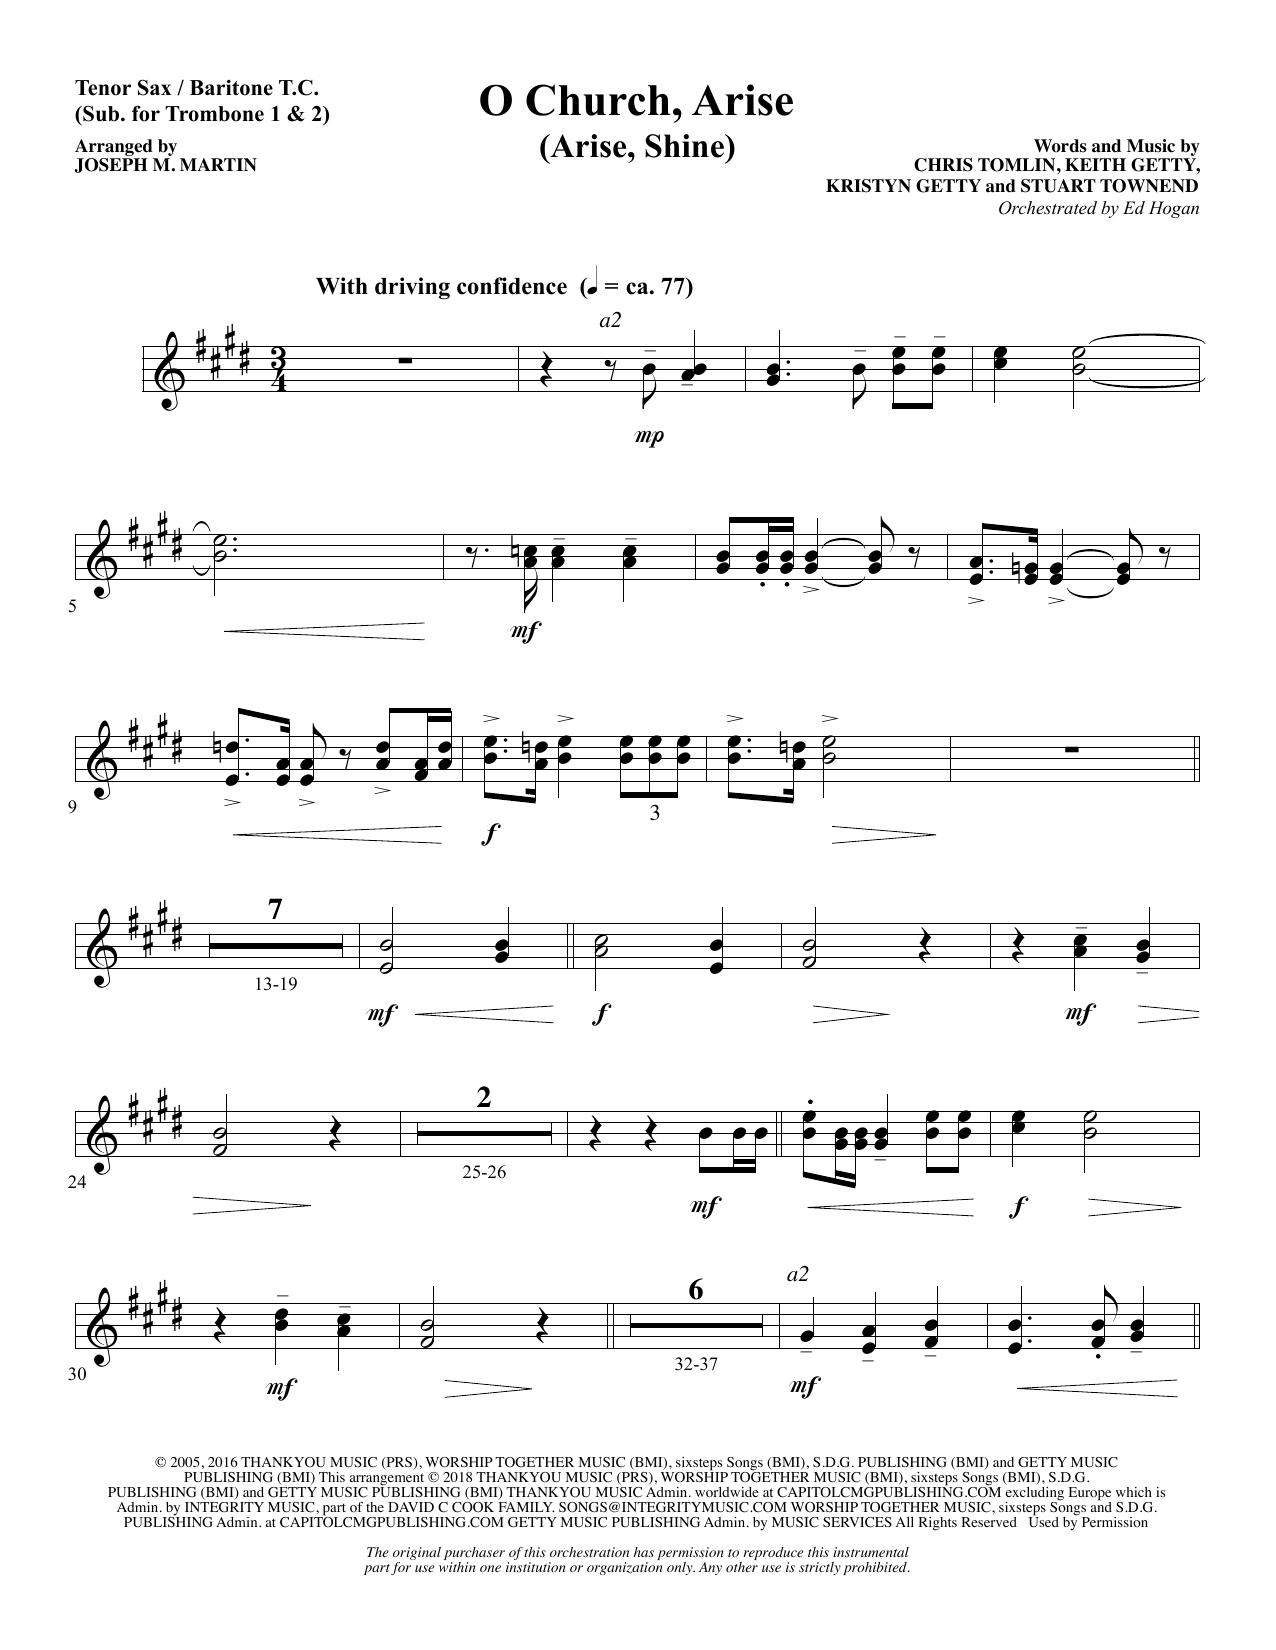 O Church, Arise (Arise, Shine) - Tenor Sax/BariTC (sub Tbn 1-2) (Choir Instrumental Pak)